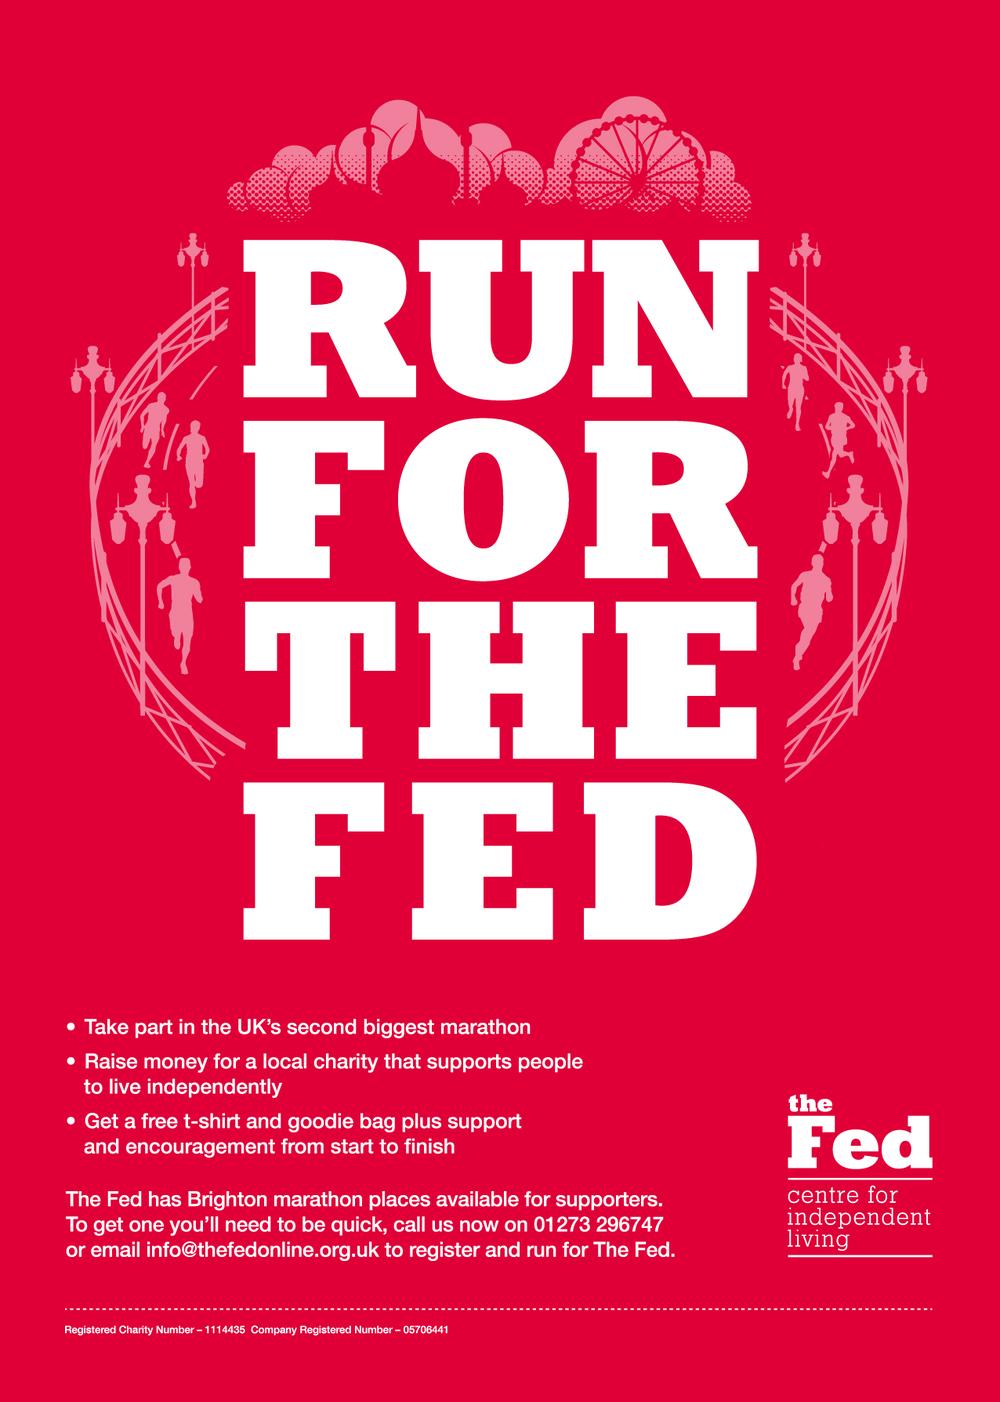 Fed_Marathon_A4-01.jpg